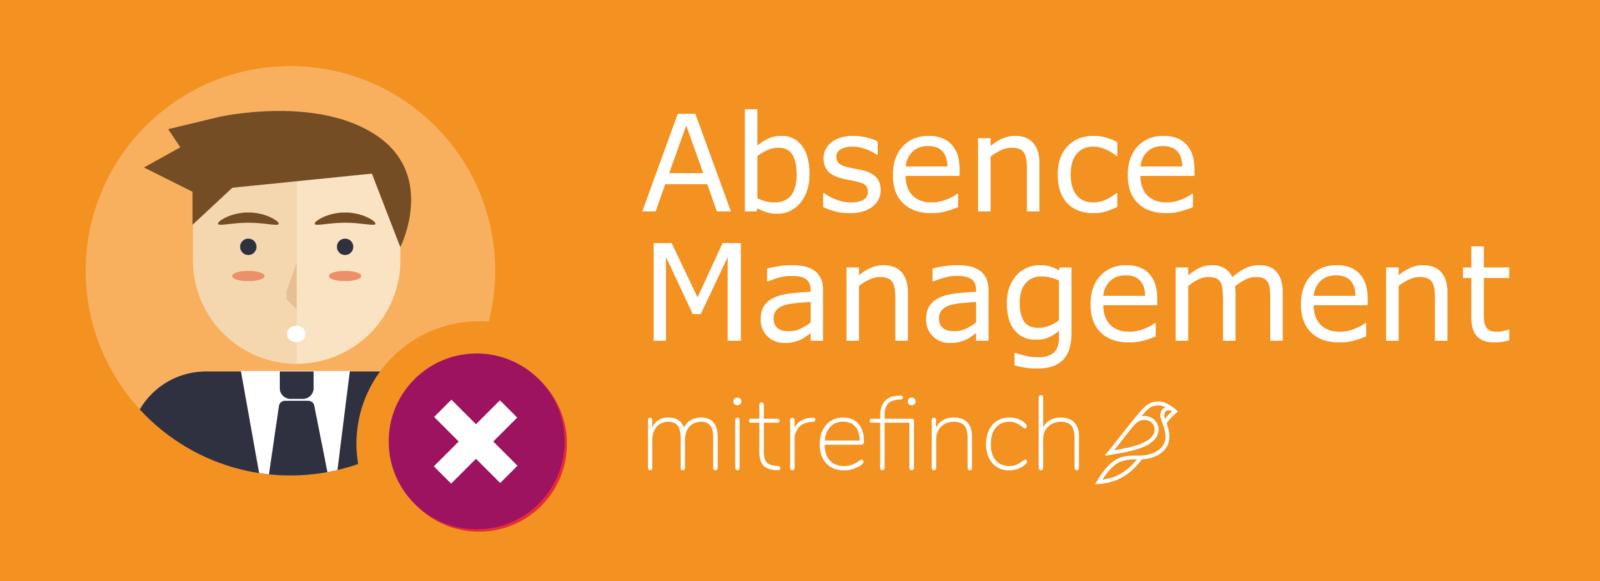 blog-absense-management